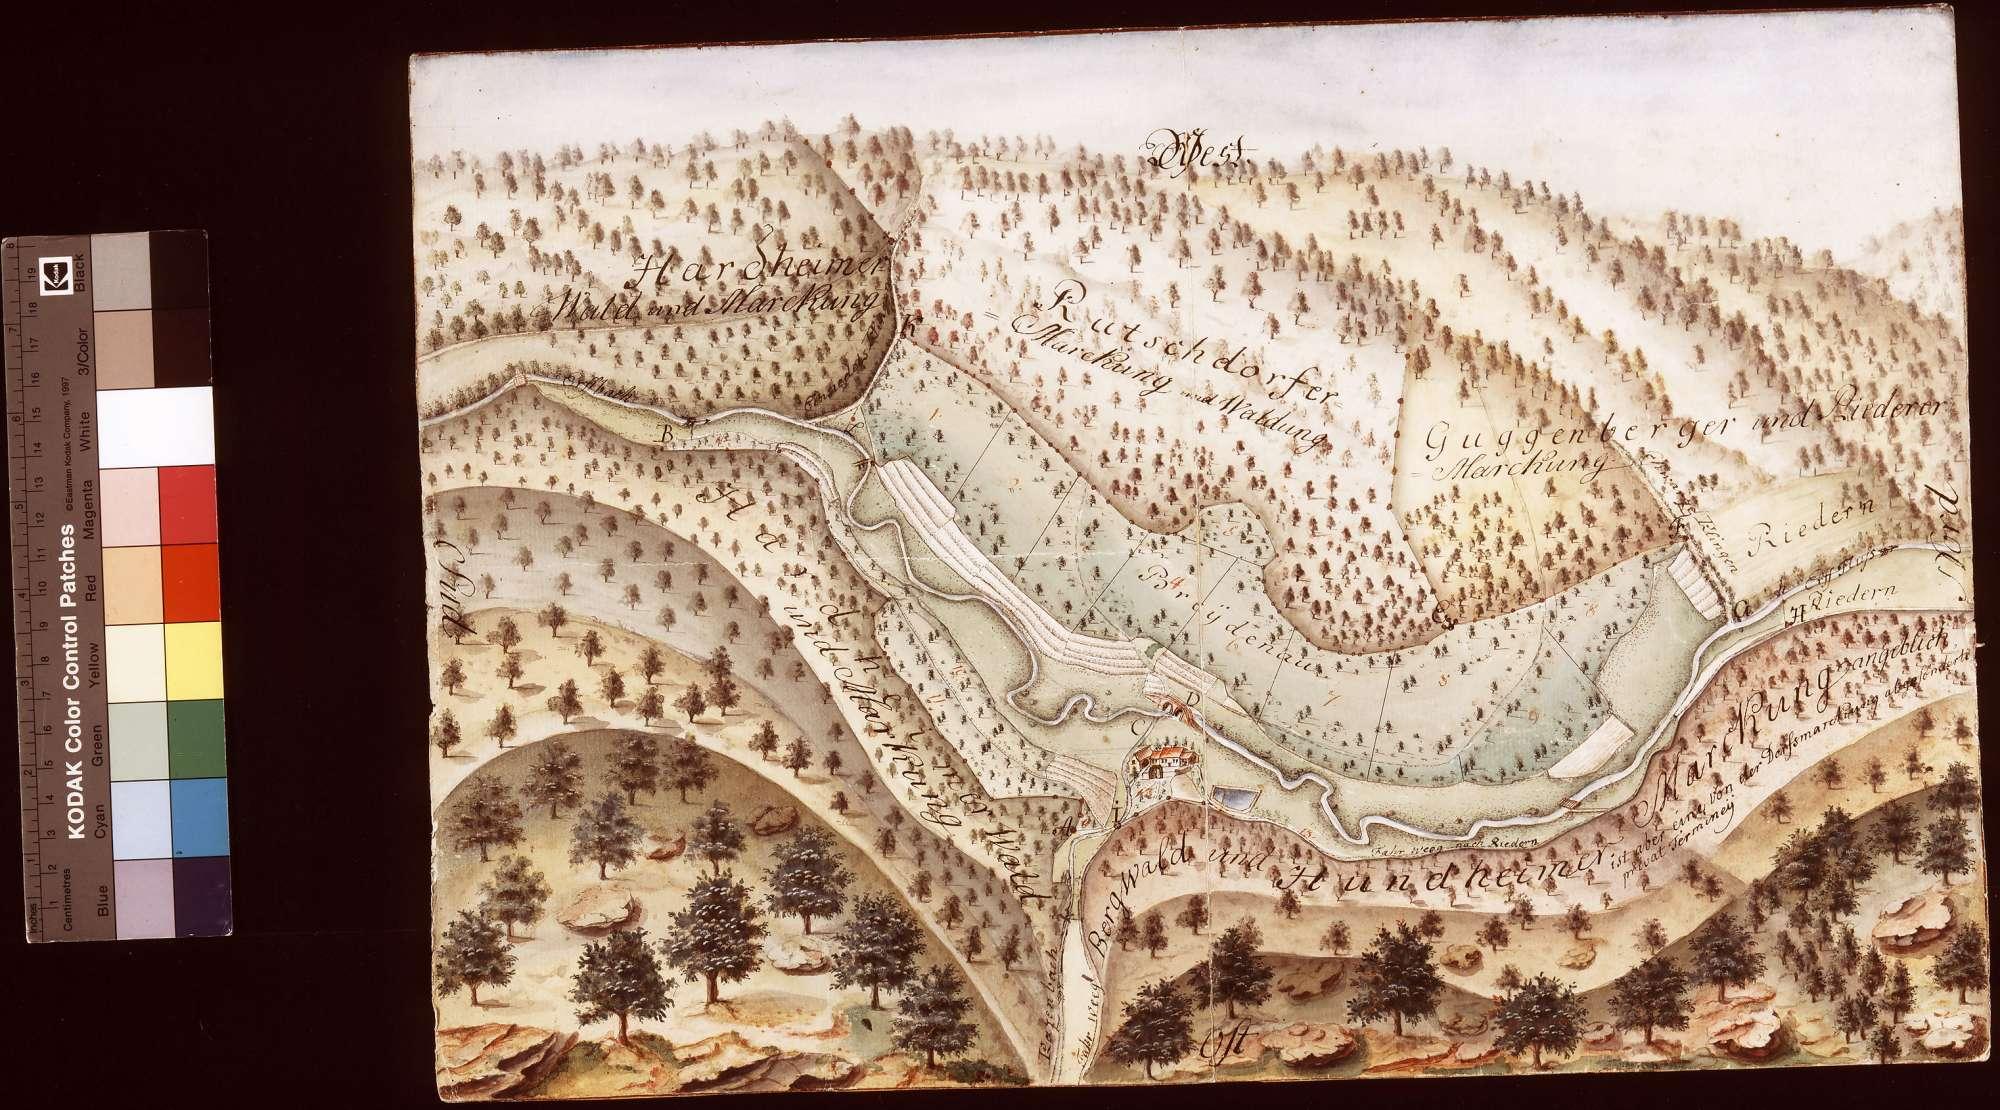 [Gemarkung des Hofs Breitenau], Bild 1